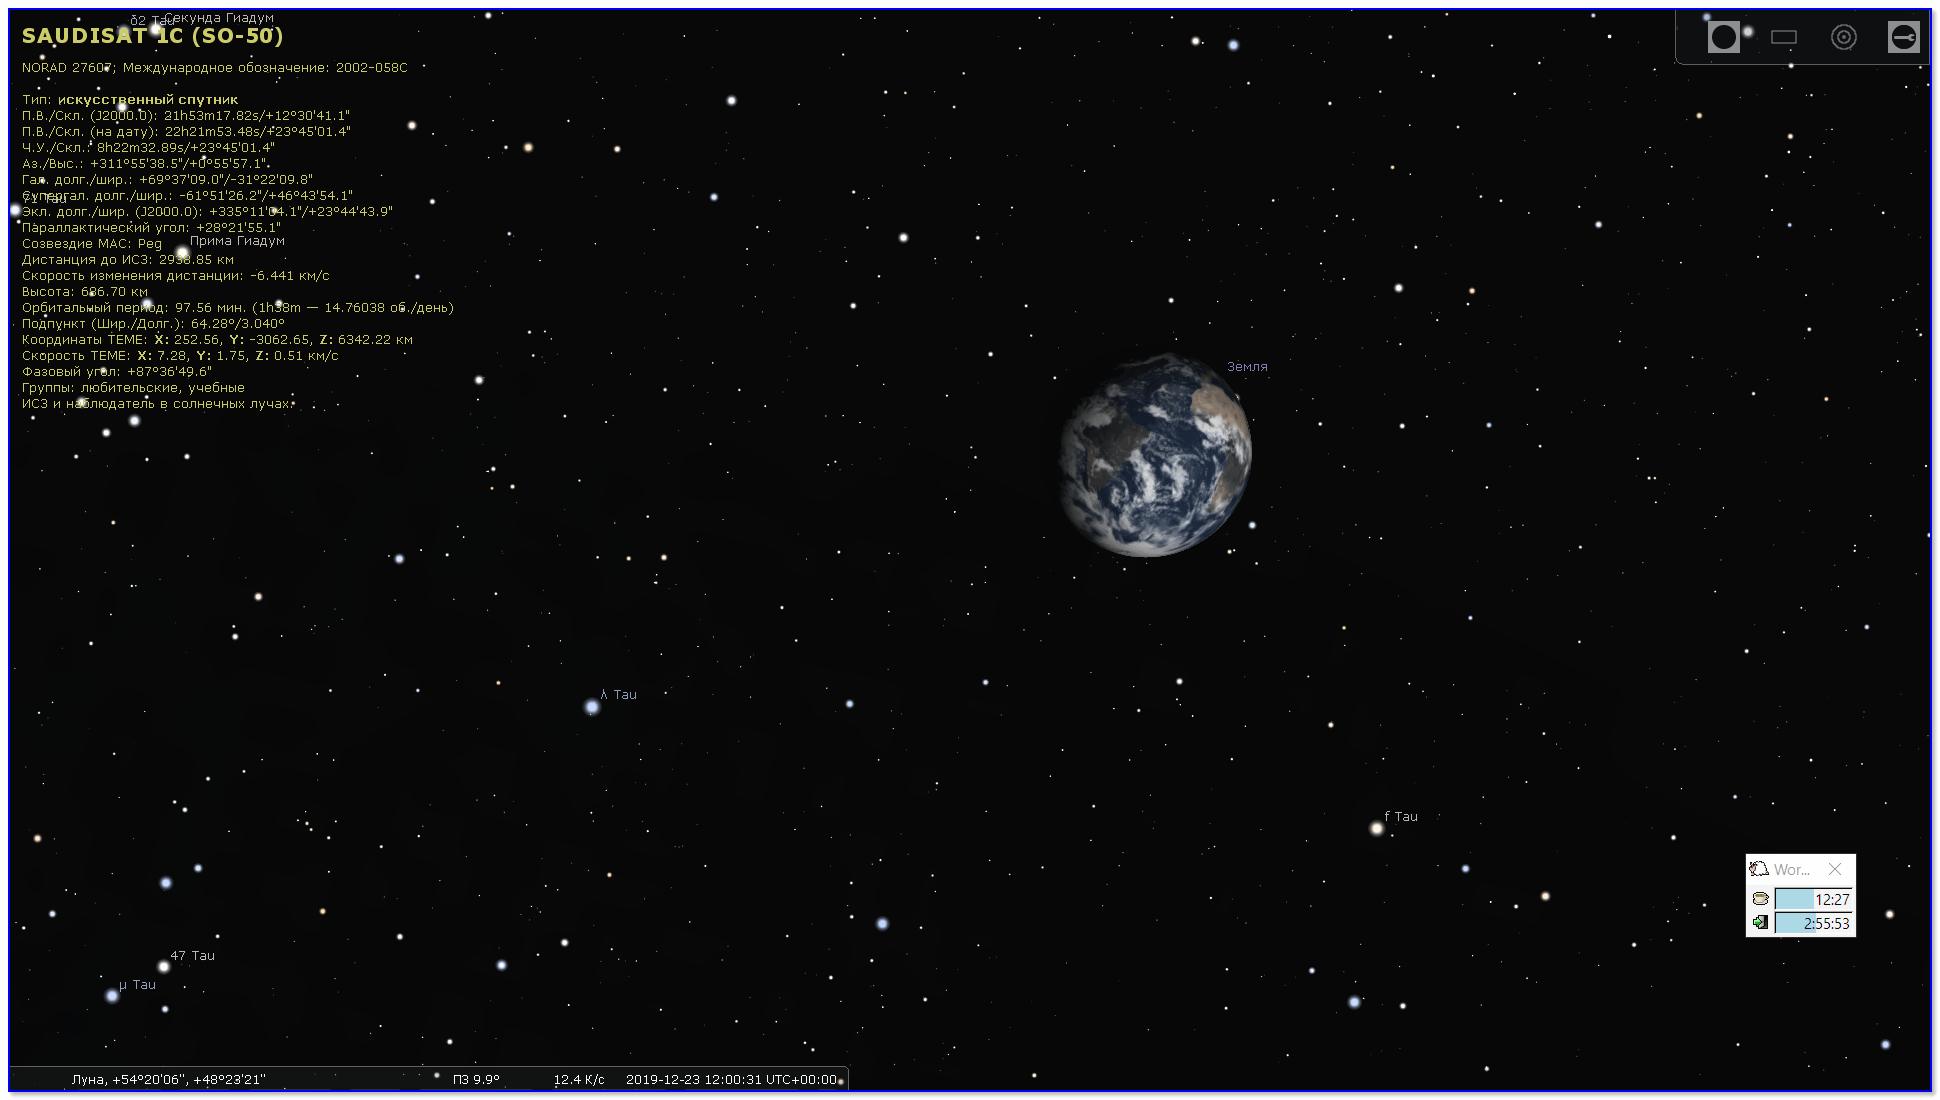 Как выглядит Земля из космоса, если на нее смотреть с Луны